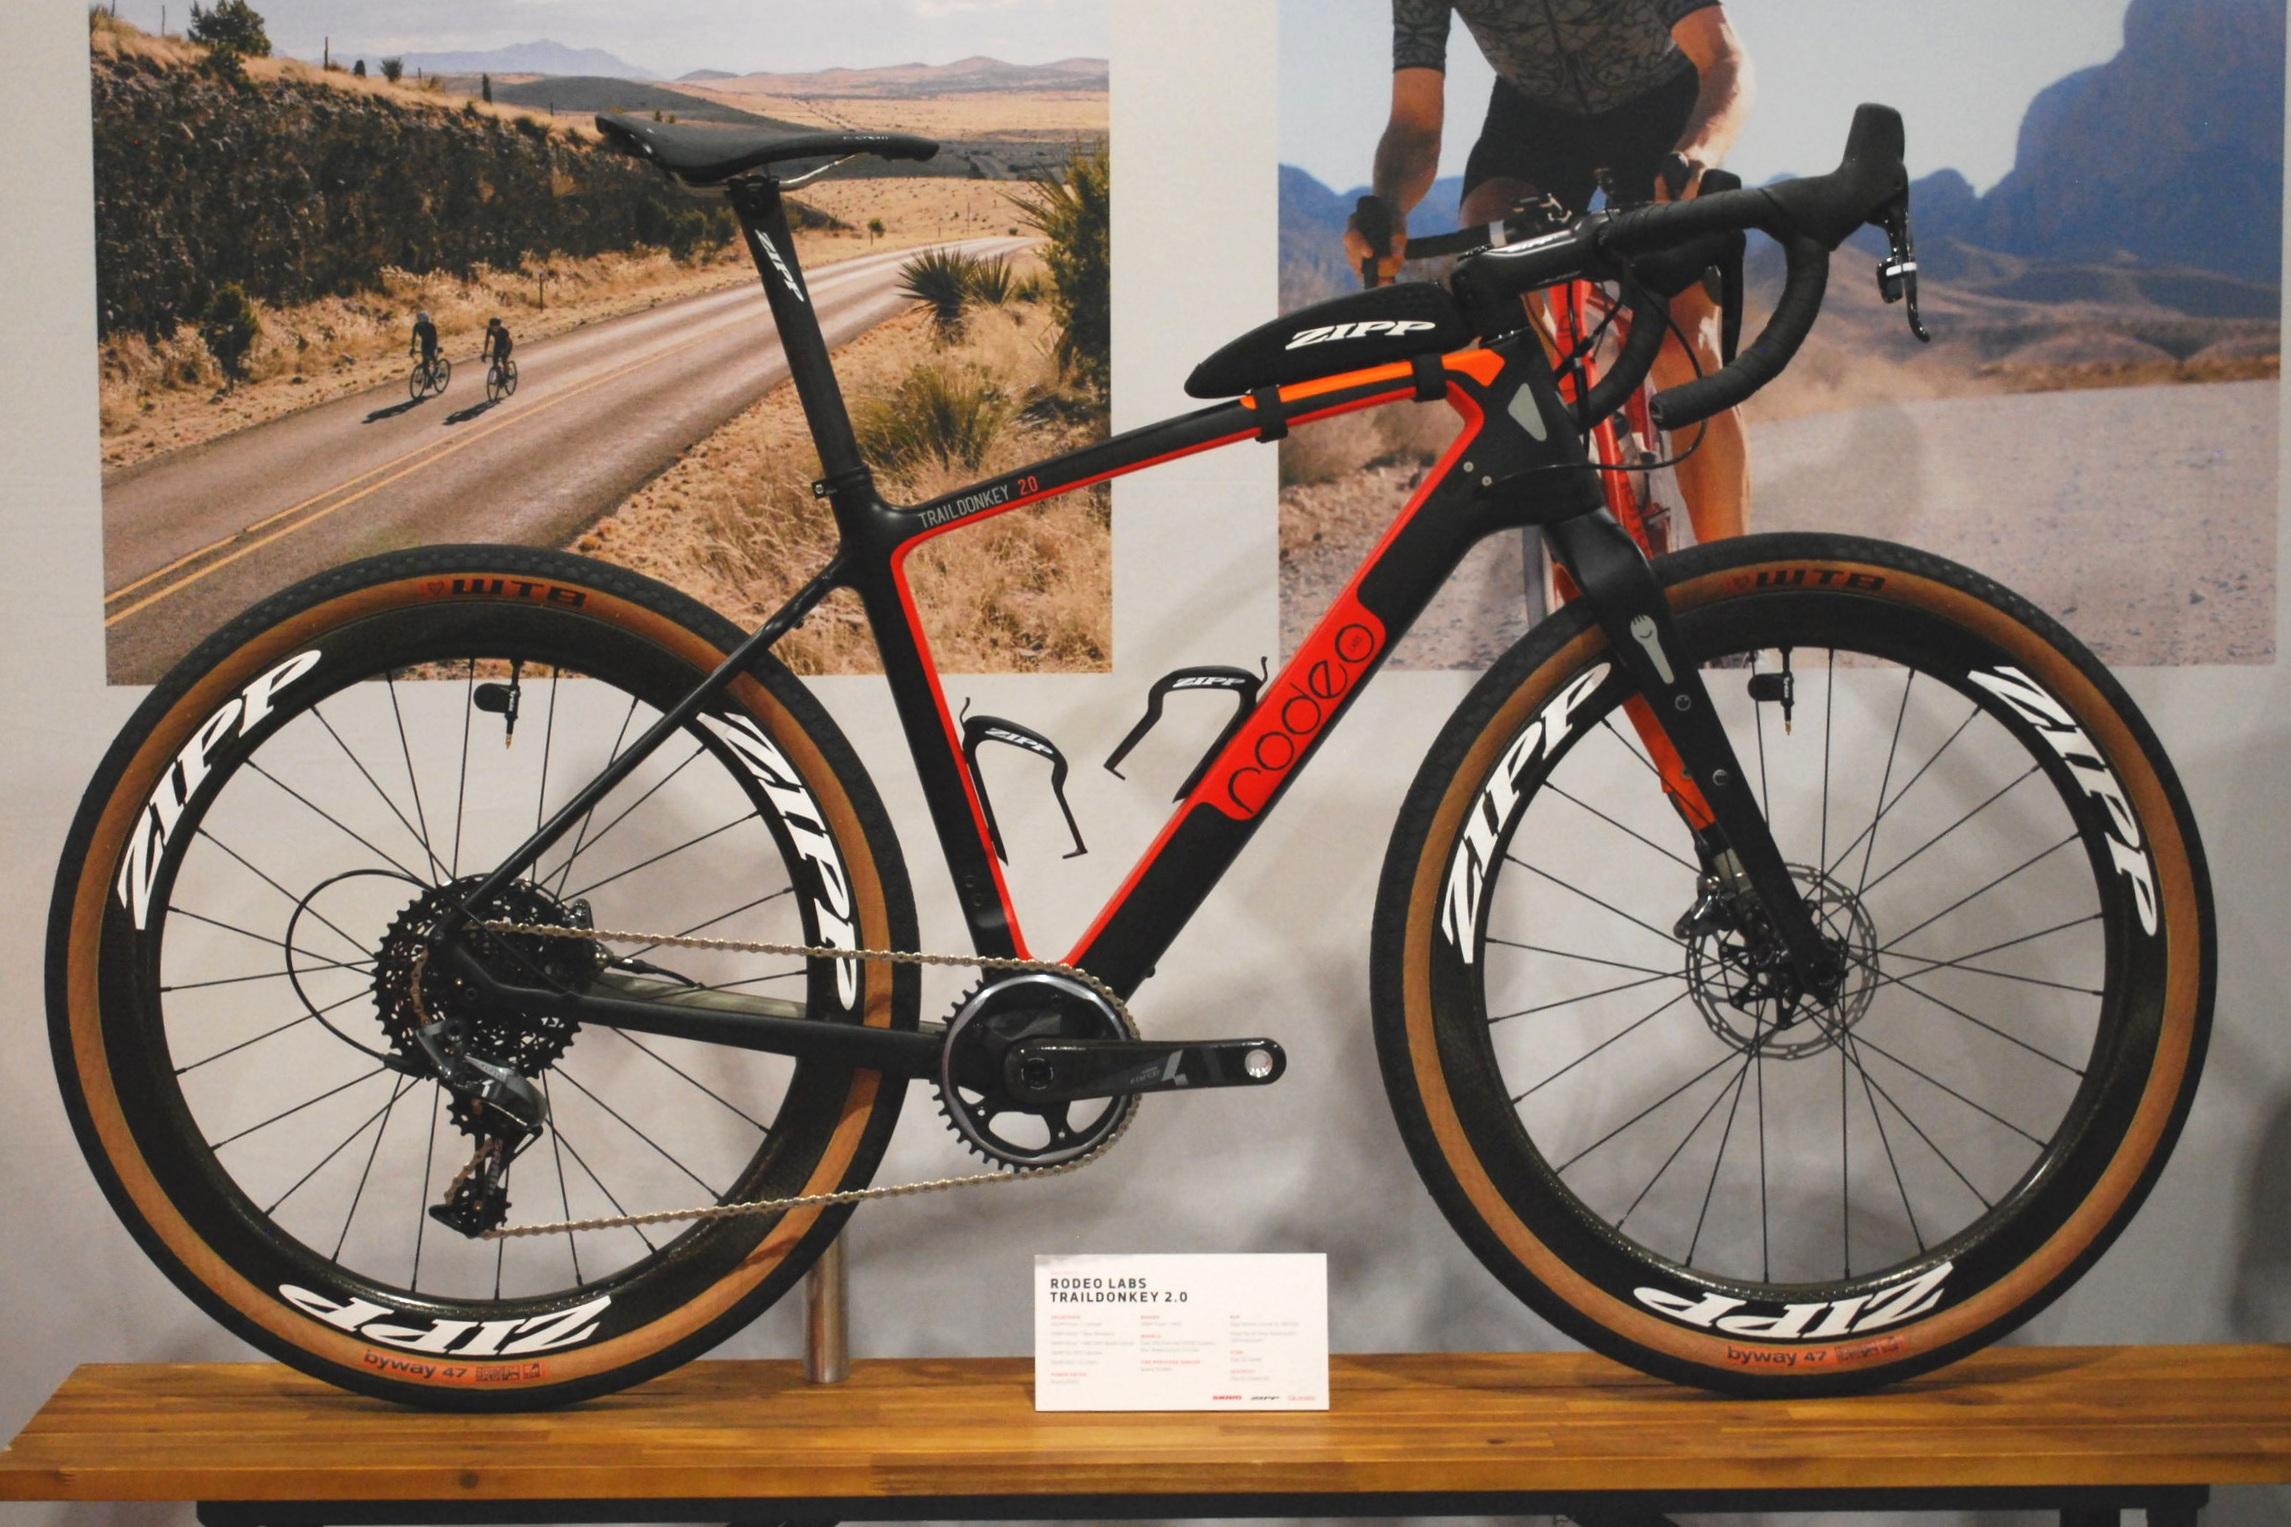 Bikes_CABDA_17JAN_donkey+sram2.jpg